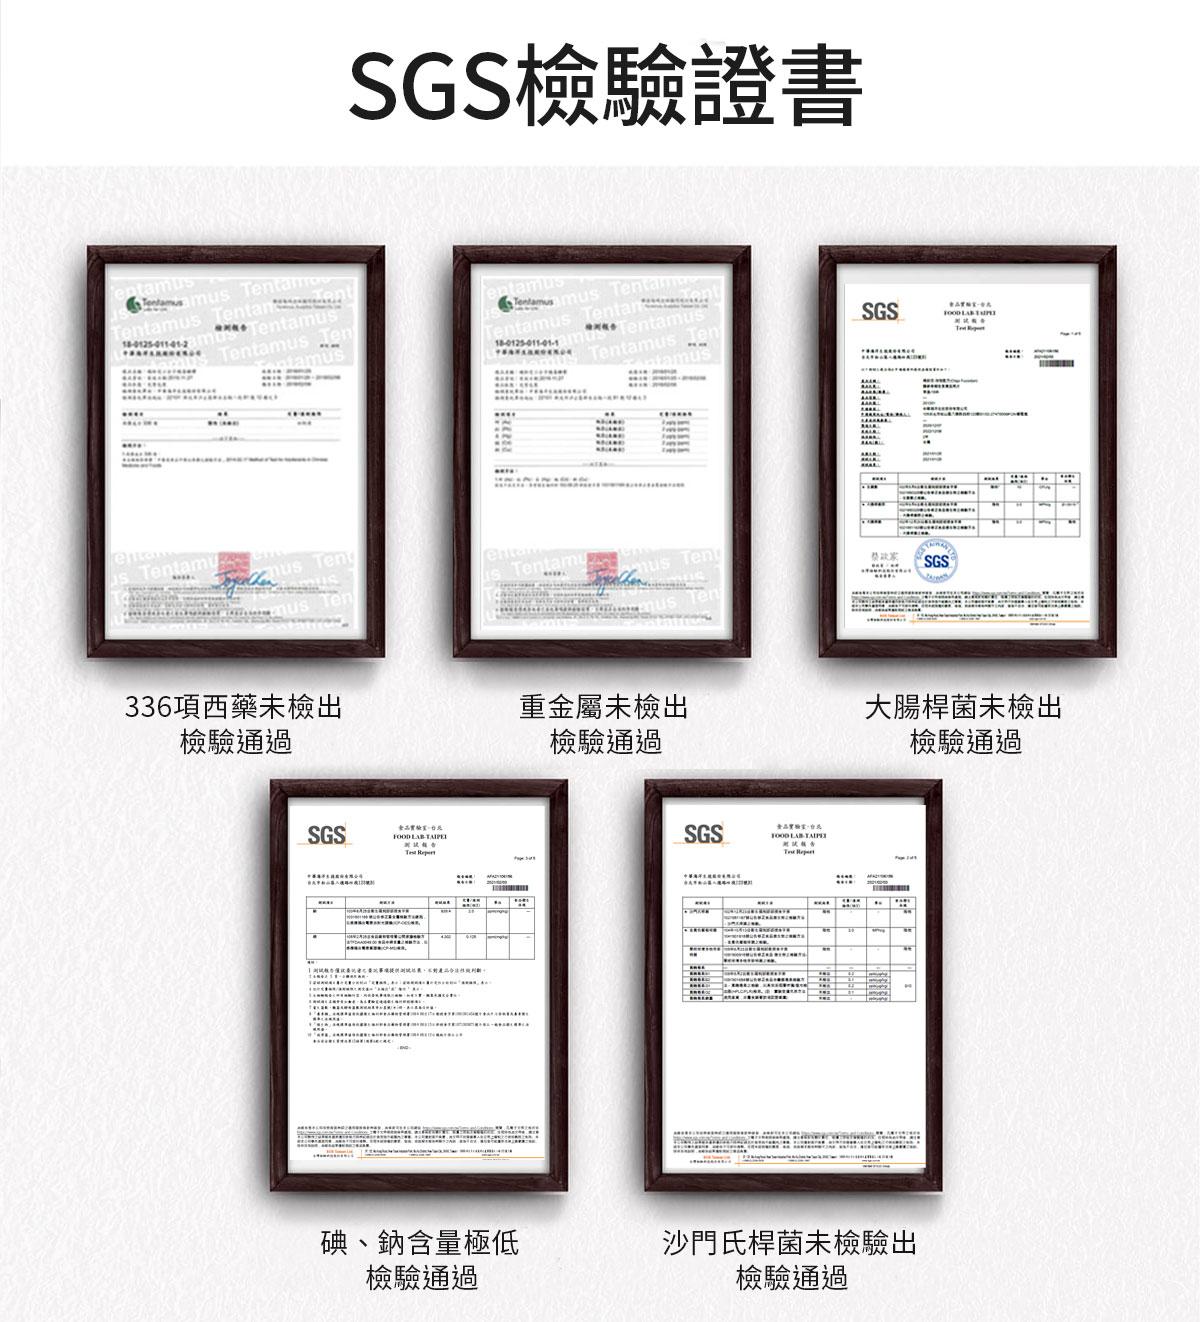 褐抑定褐藻醣膠-100%褐藻醣膠天然萃取-SGS檢驗證書-健康優先訂購0800-800-924